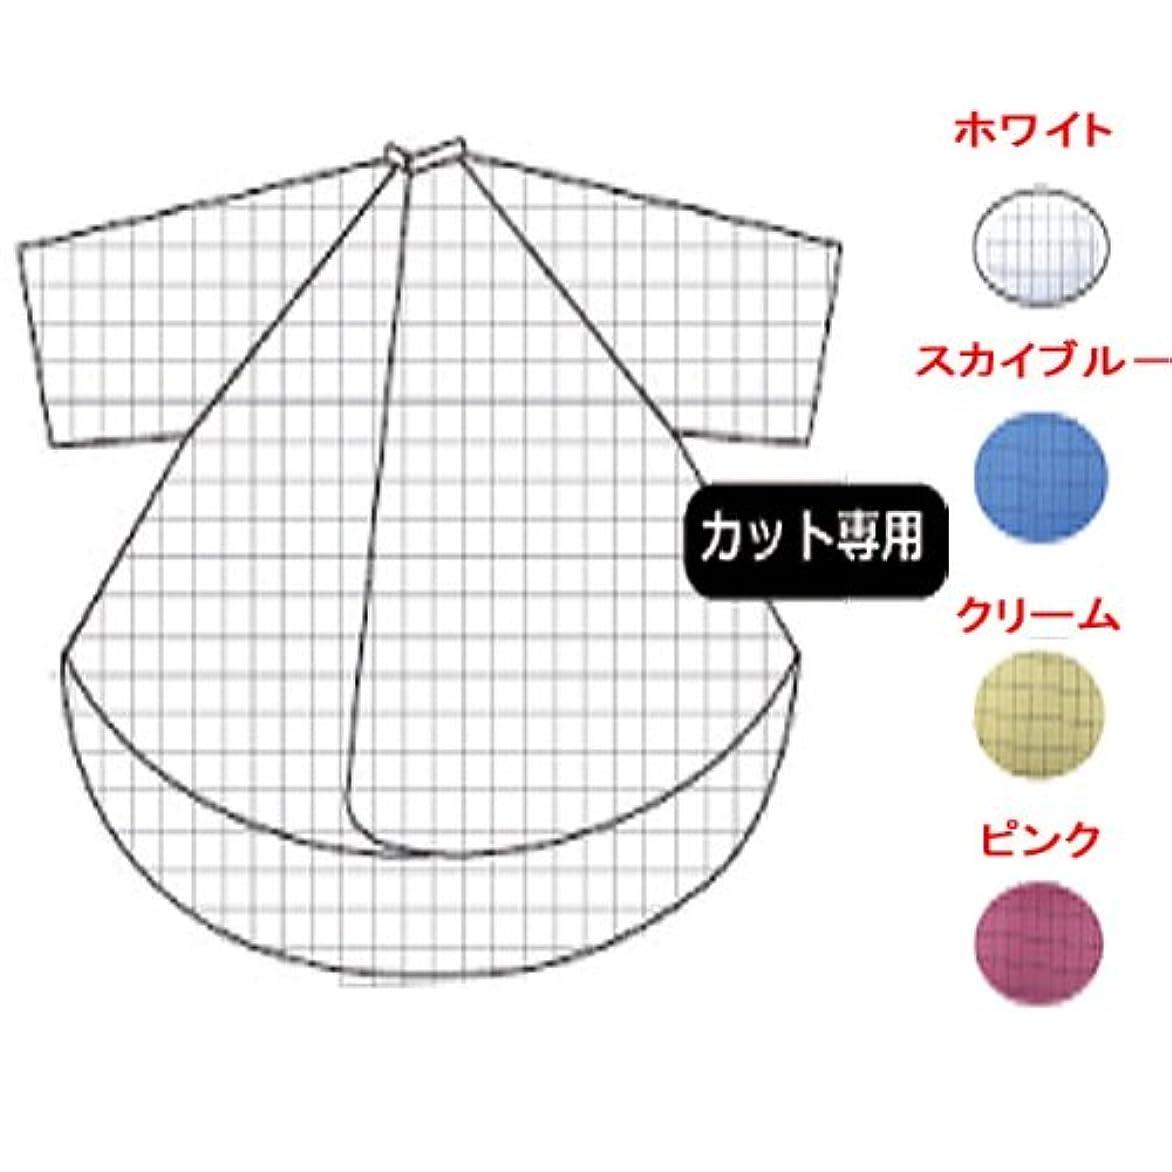 半径基本的なはげワコウ カーボンドレスバイファイブ No.3180-0 ホワイト